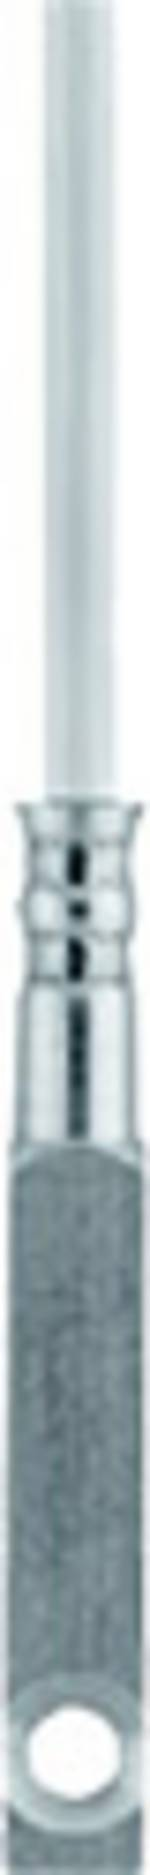 Capteur de température Jumo 00065547 Type de sonde Pt100 Gamme de mesure -50 à 260 °C Longueur du câble 2.5 m 1 pc(s)